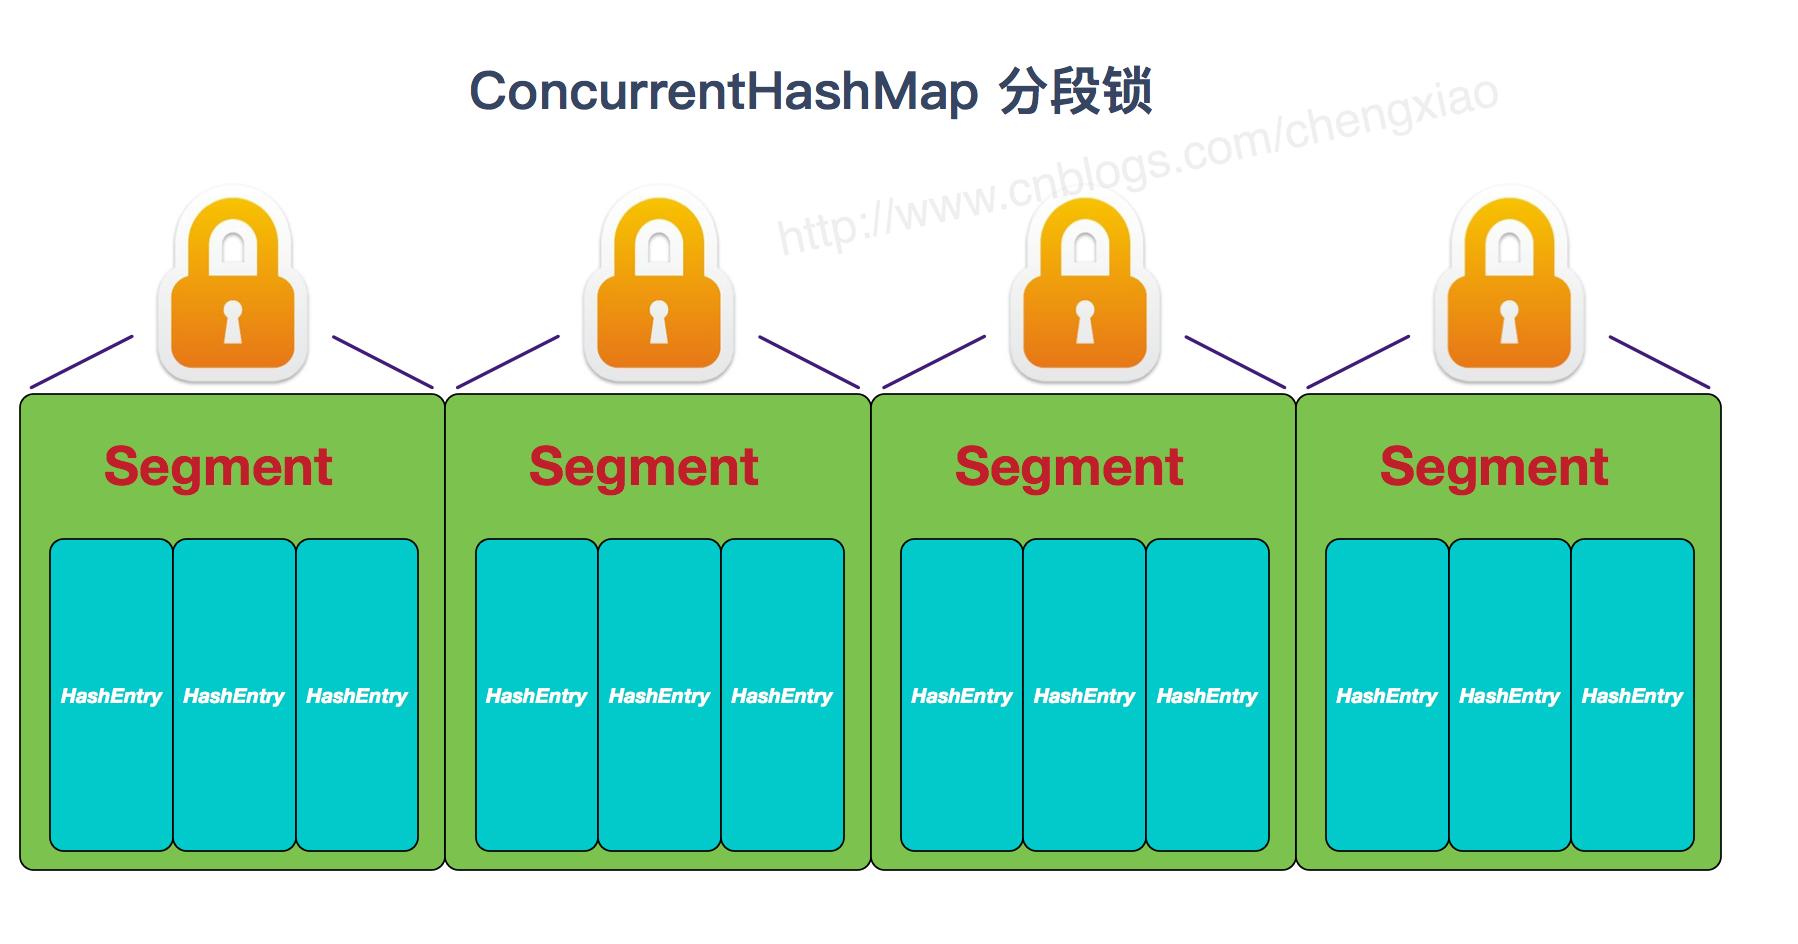 ConcurrentHashMap分段锁.jpg